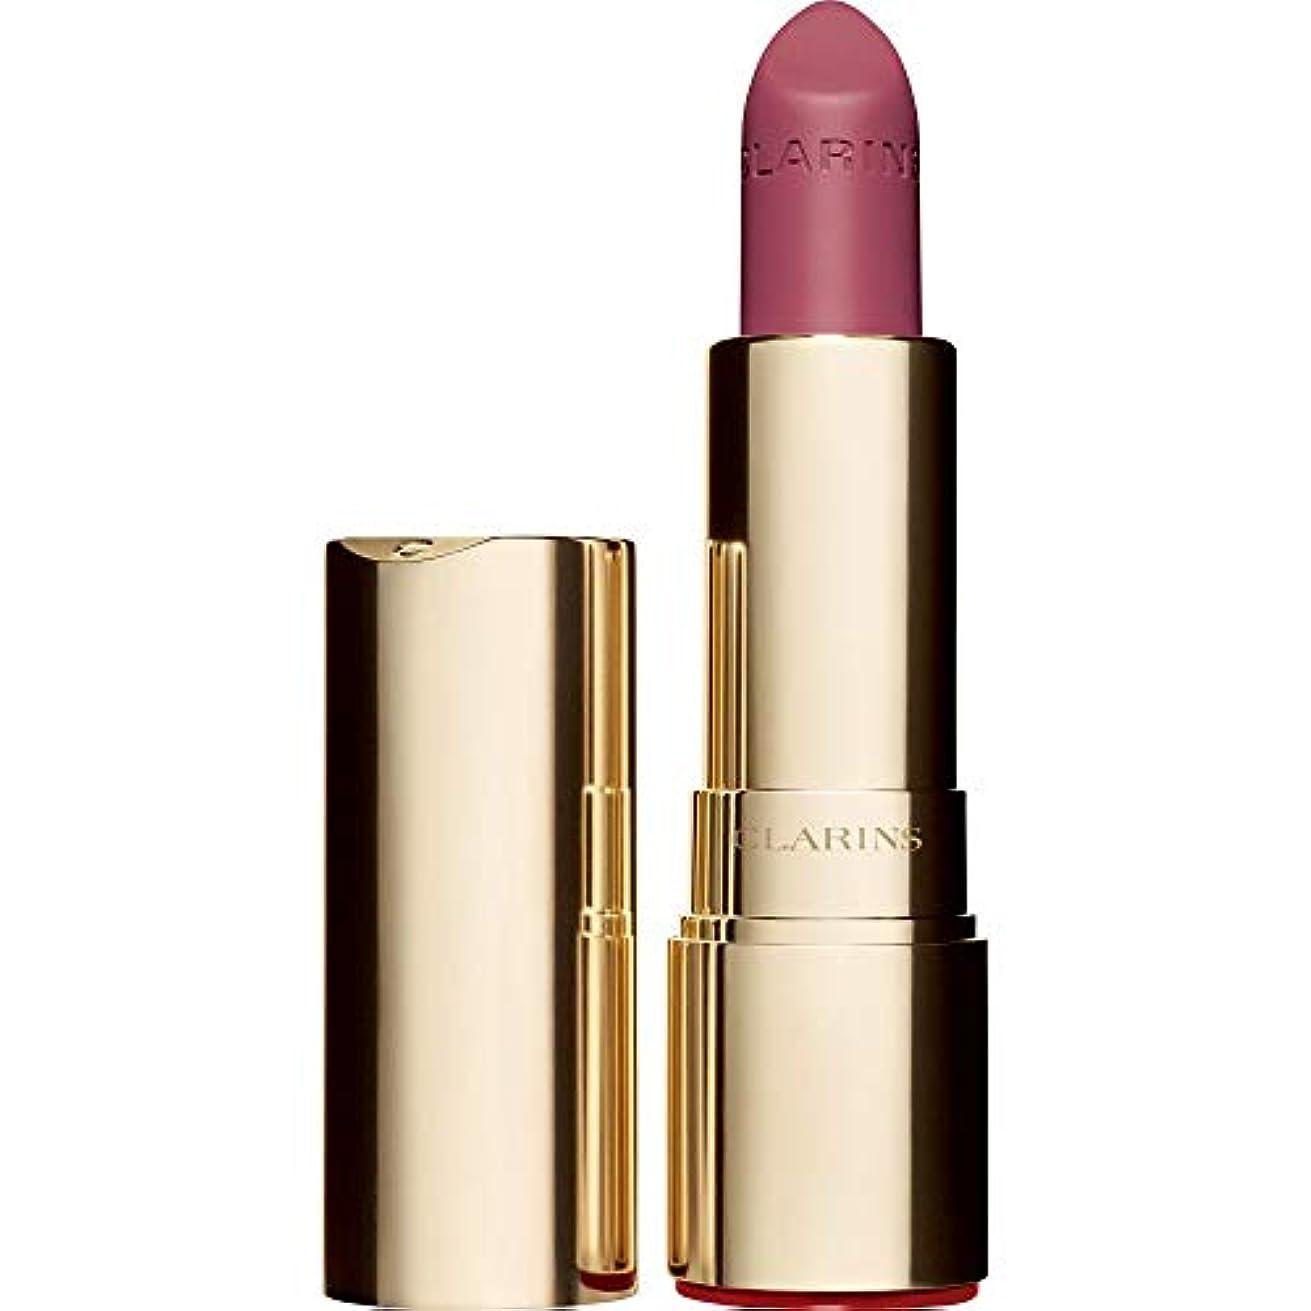 ドル建築家収容する[Clarins ] クラランスジョリルージュのベルベットの口紅3.5グラムの755V - レイシ - Clarins Joli Rouge Velvet Lipstick 3.5g 755V - Litchi [並行輸入品]